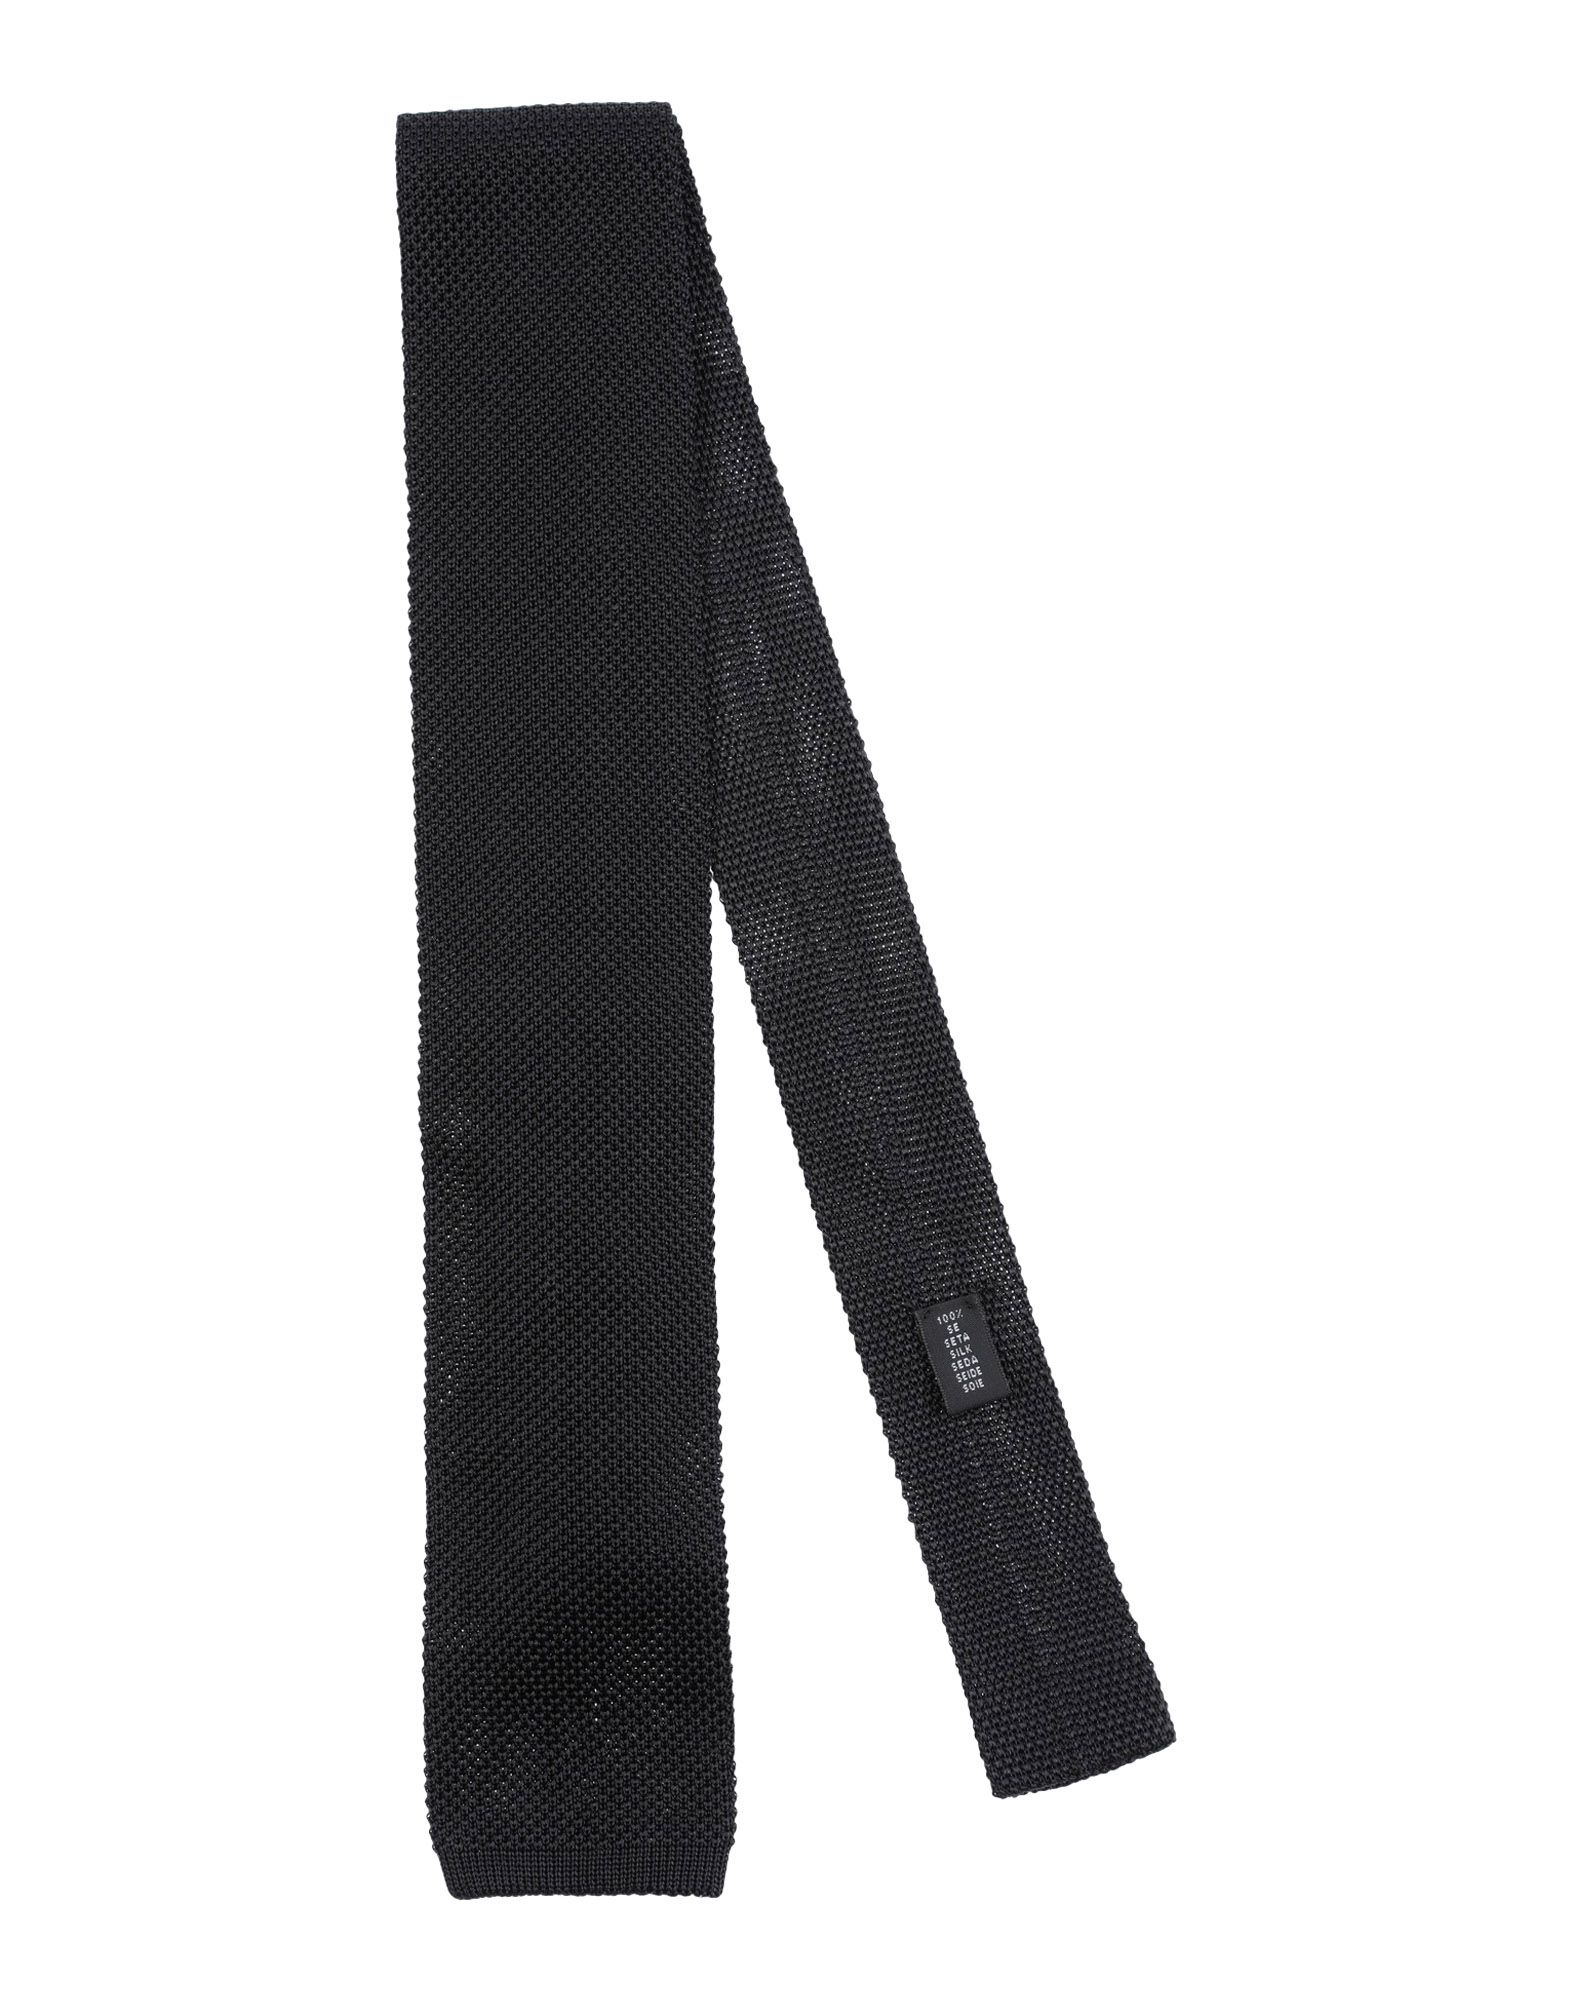 《送料無料》GALLIENI メンズ ネクタイ ブラック シルク 100%